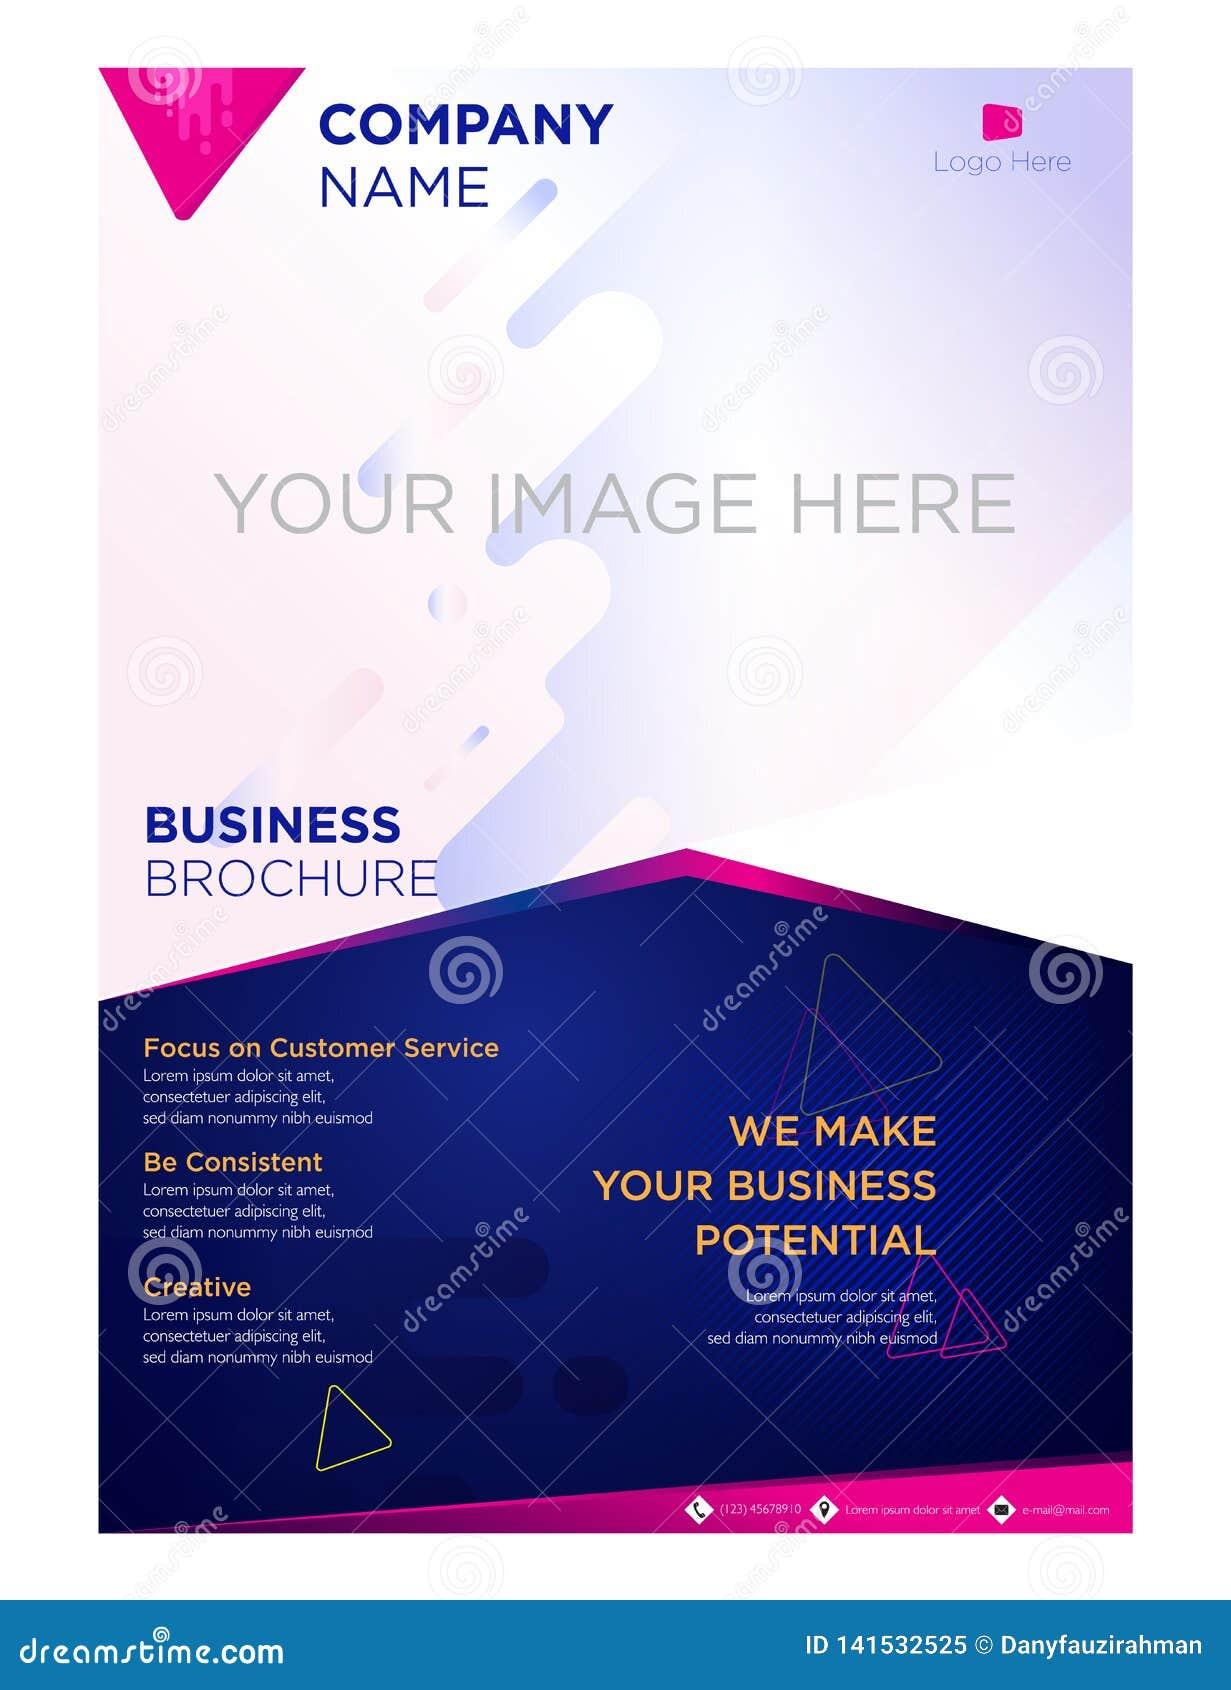 Empresa de negocios del aviador del folleto y azul violeta corporativo